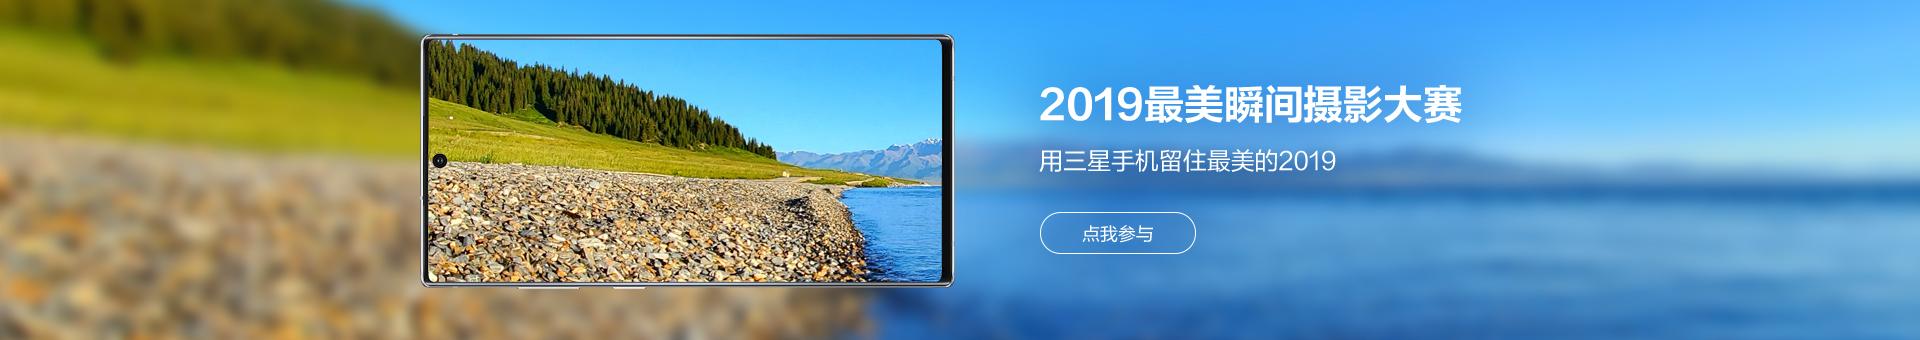 2019最美瞬间~用三星手机留住最美的2019